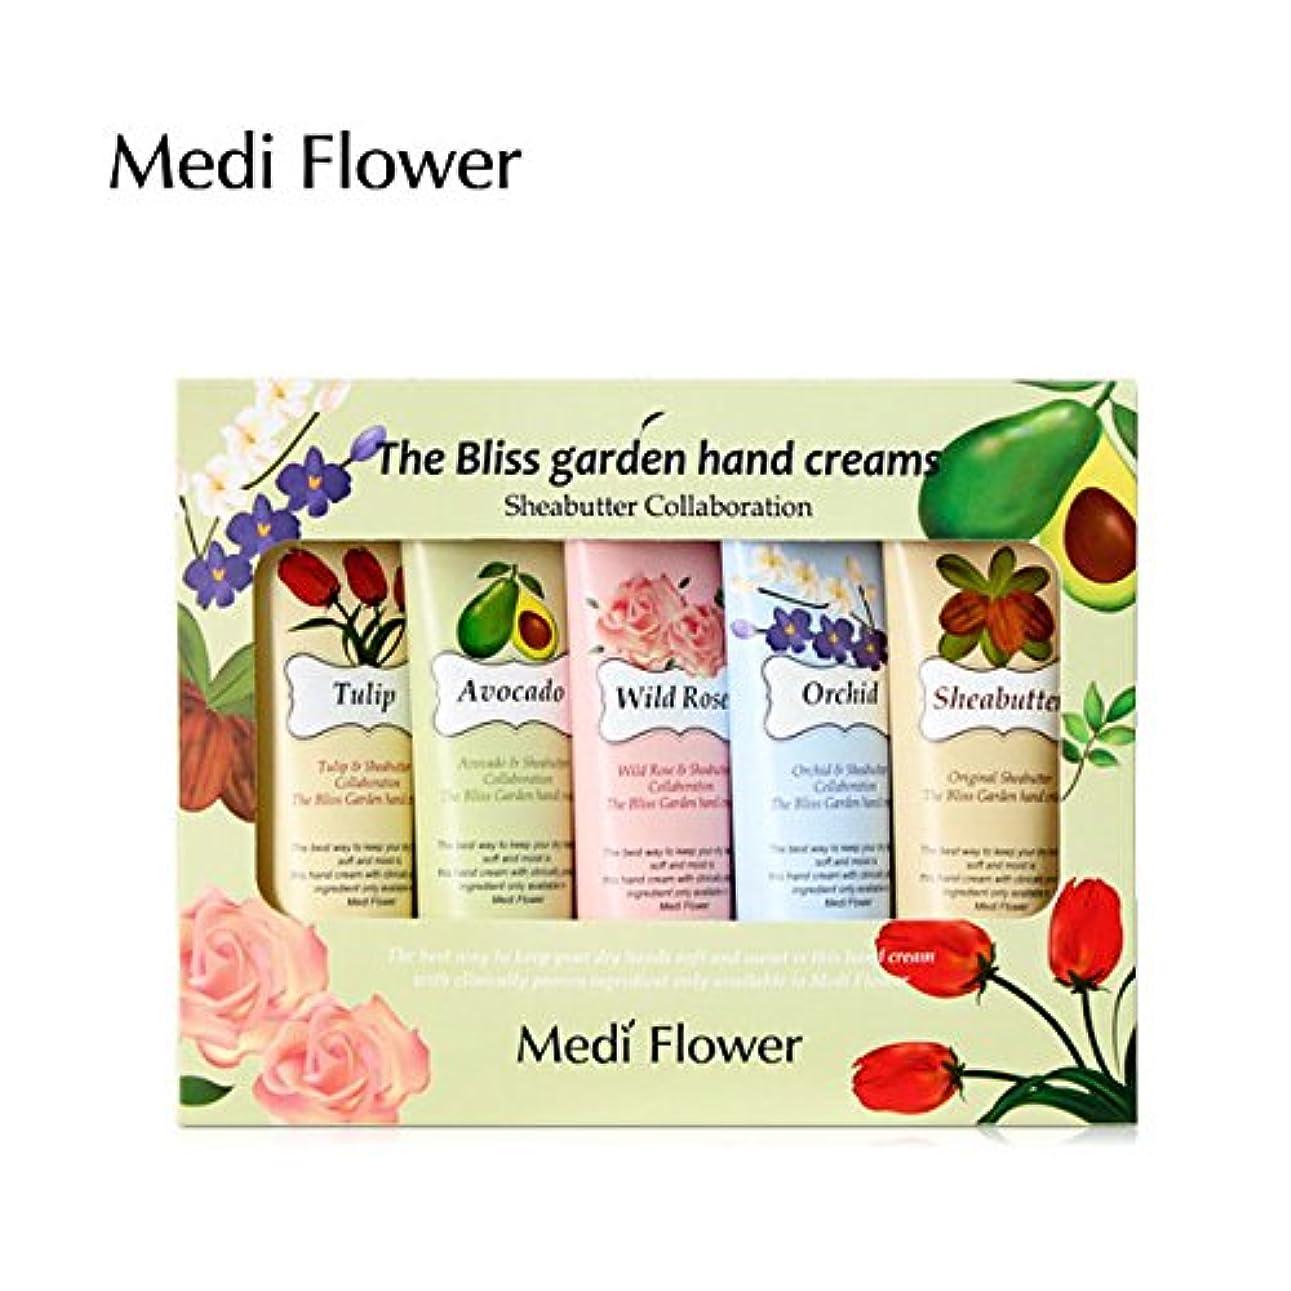 均等にチケットアルファベット順[MediFlower] ザ?ブリスガーデン?ハンドクリーム?シアバターコラボレーション 50g x 5個セット / The Bliss Garden Hand Creams (Sheabutter Collaboration)